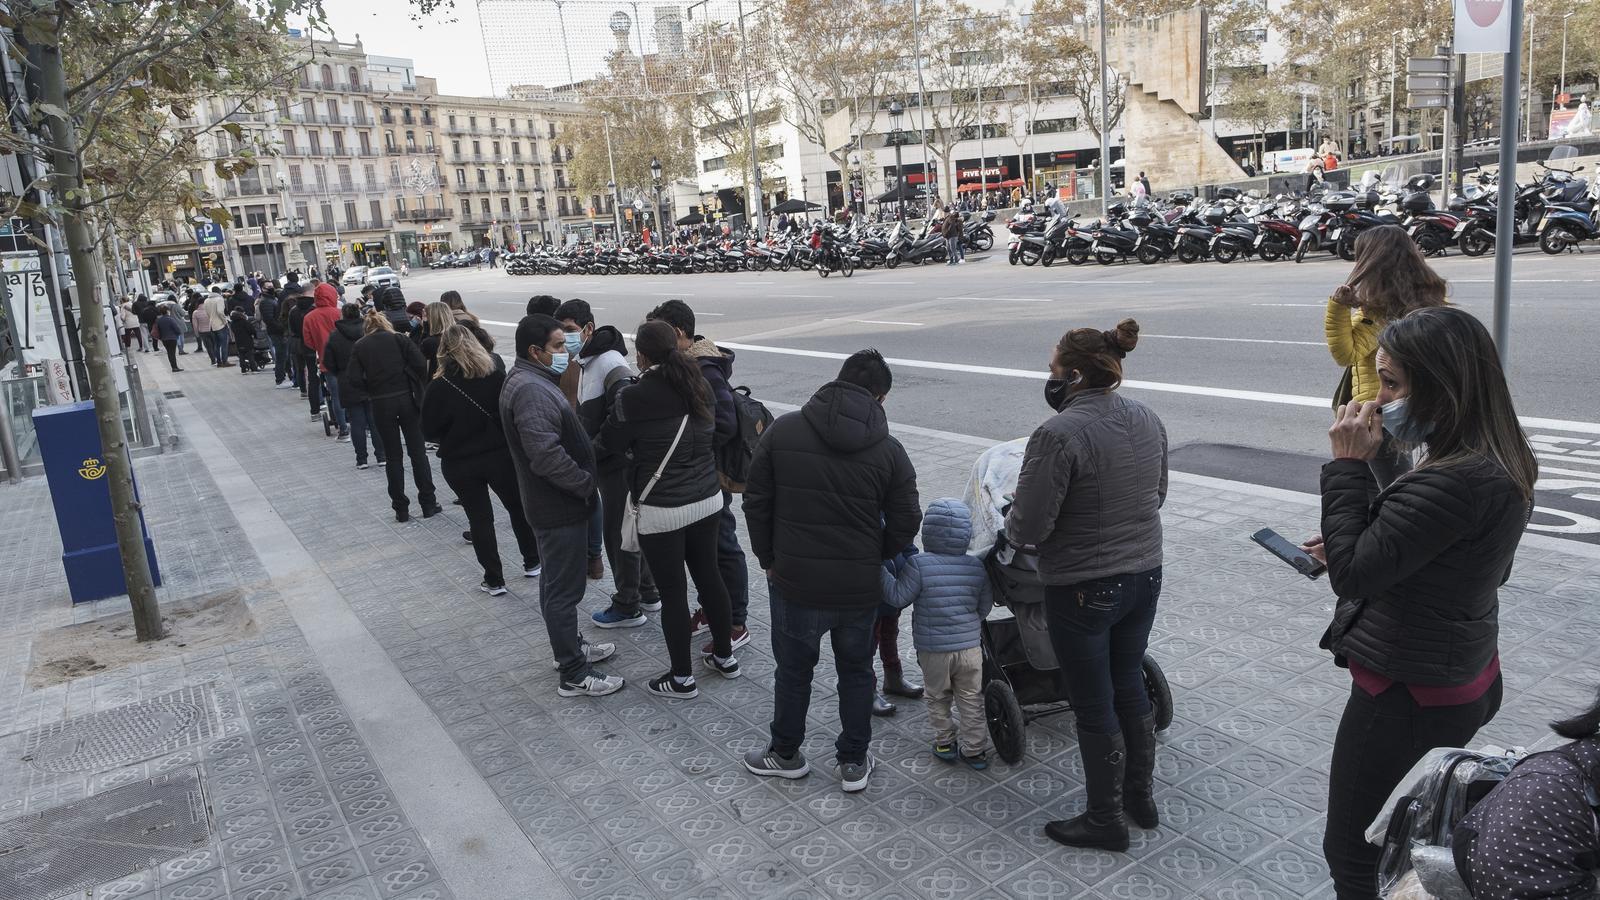 Desenes de persones fan cua per entrar en una botiga a la plaça de Catalunya, a Barcelona